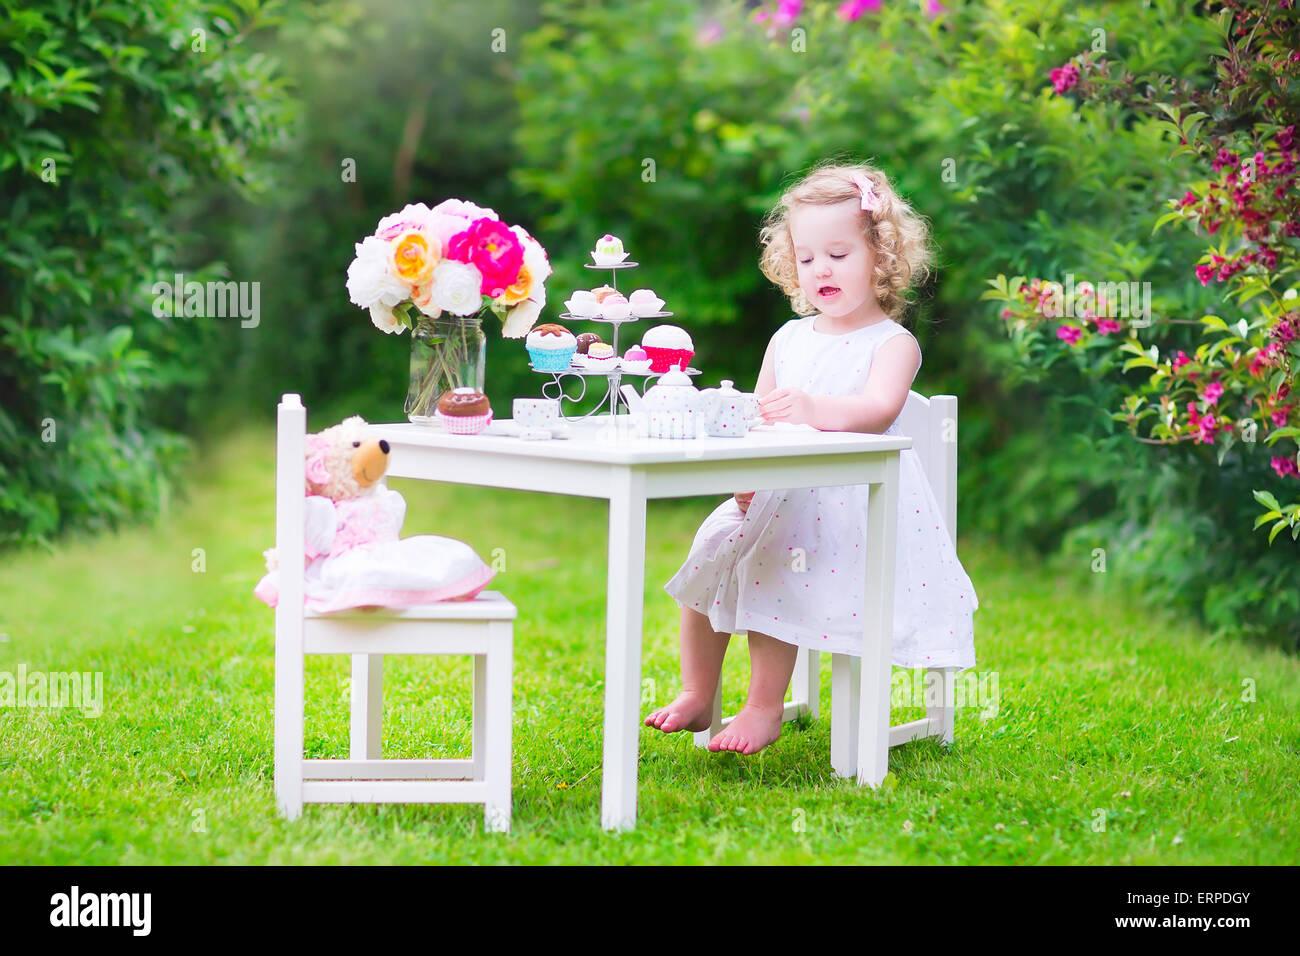 Liebenswert lustige Kleinkind Mädchen mit dem lockigen Haar trägt ein buntes Kleid an ihrem Geburtstag spielen Teeparty mit einer Puppe Teddybär Stockfoto